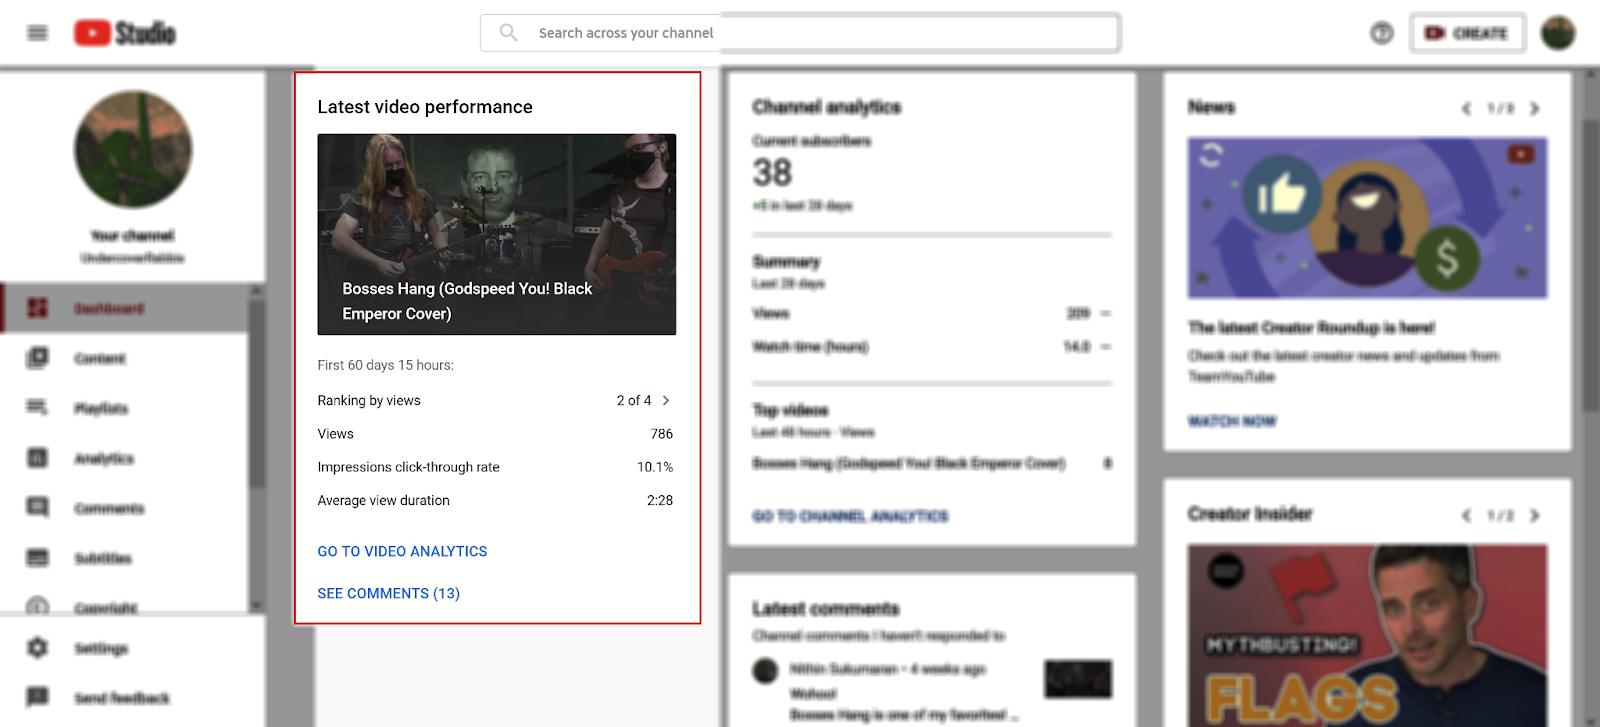 عکس استفاده از کلمات کلیدی در فیلم های YouTube: چگونه می توان بازدید بیشتری داشت